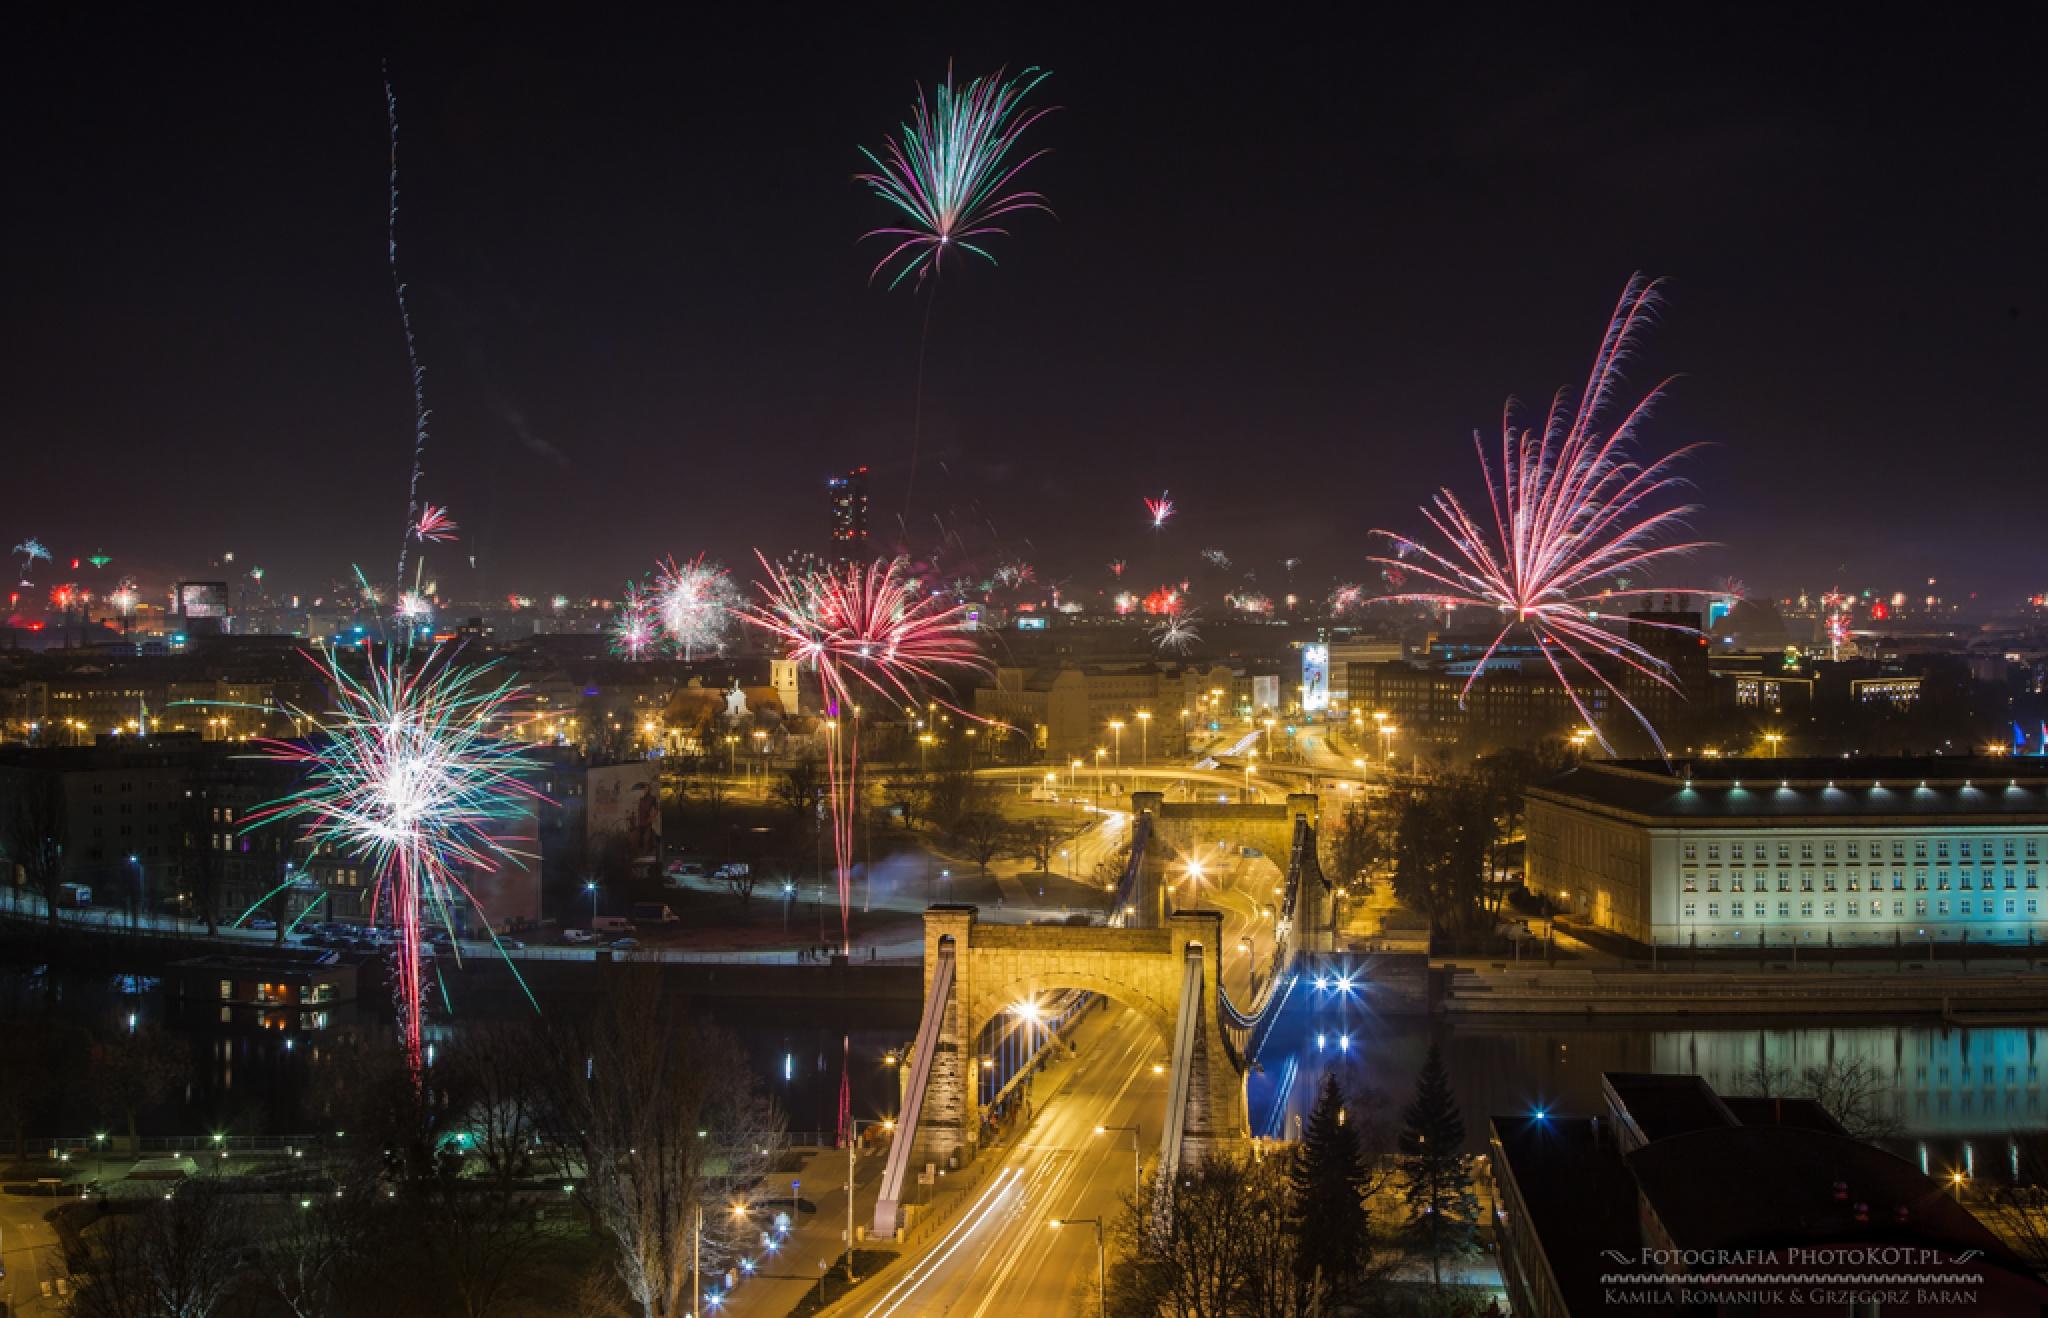 New Year in Wrocław by Kamila_Romaniuk